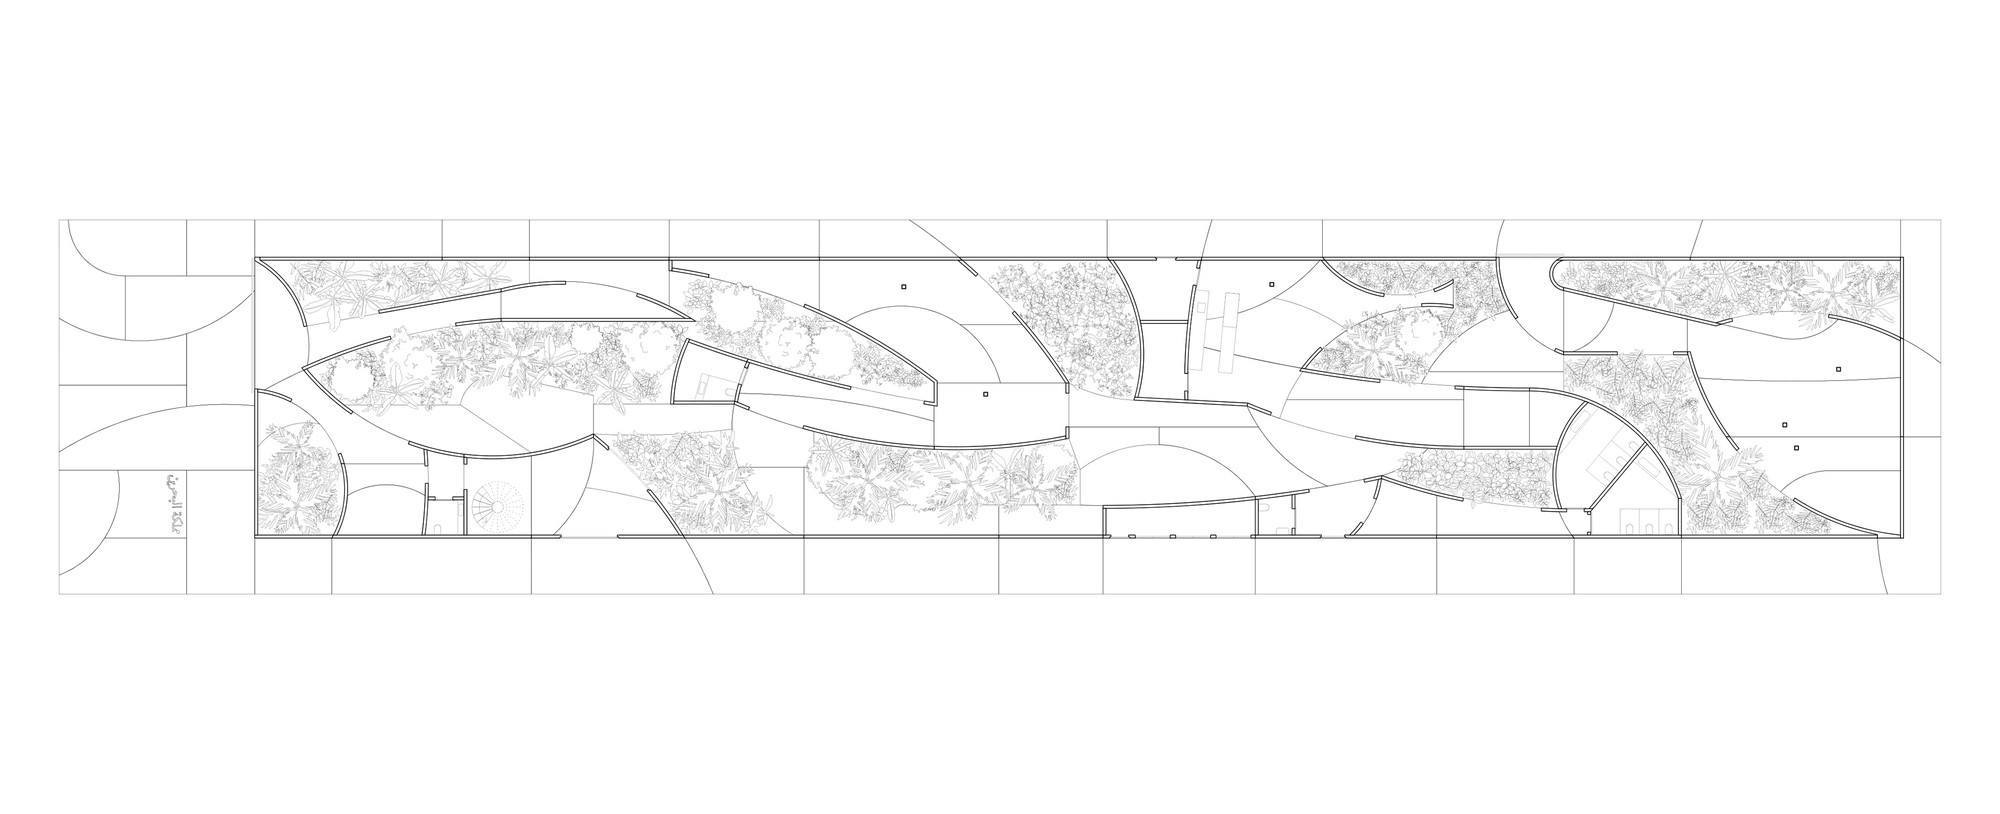 2014 Pavilion Bahrain Plans